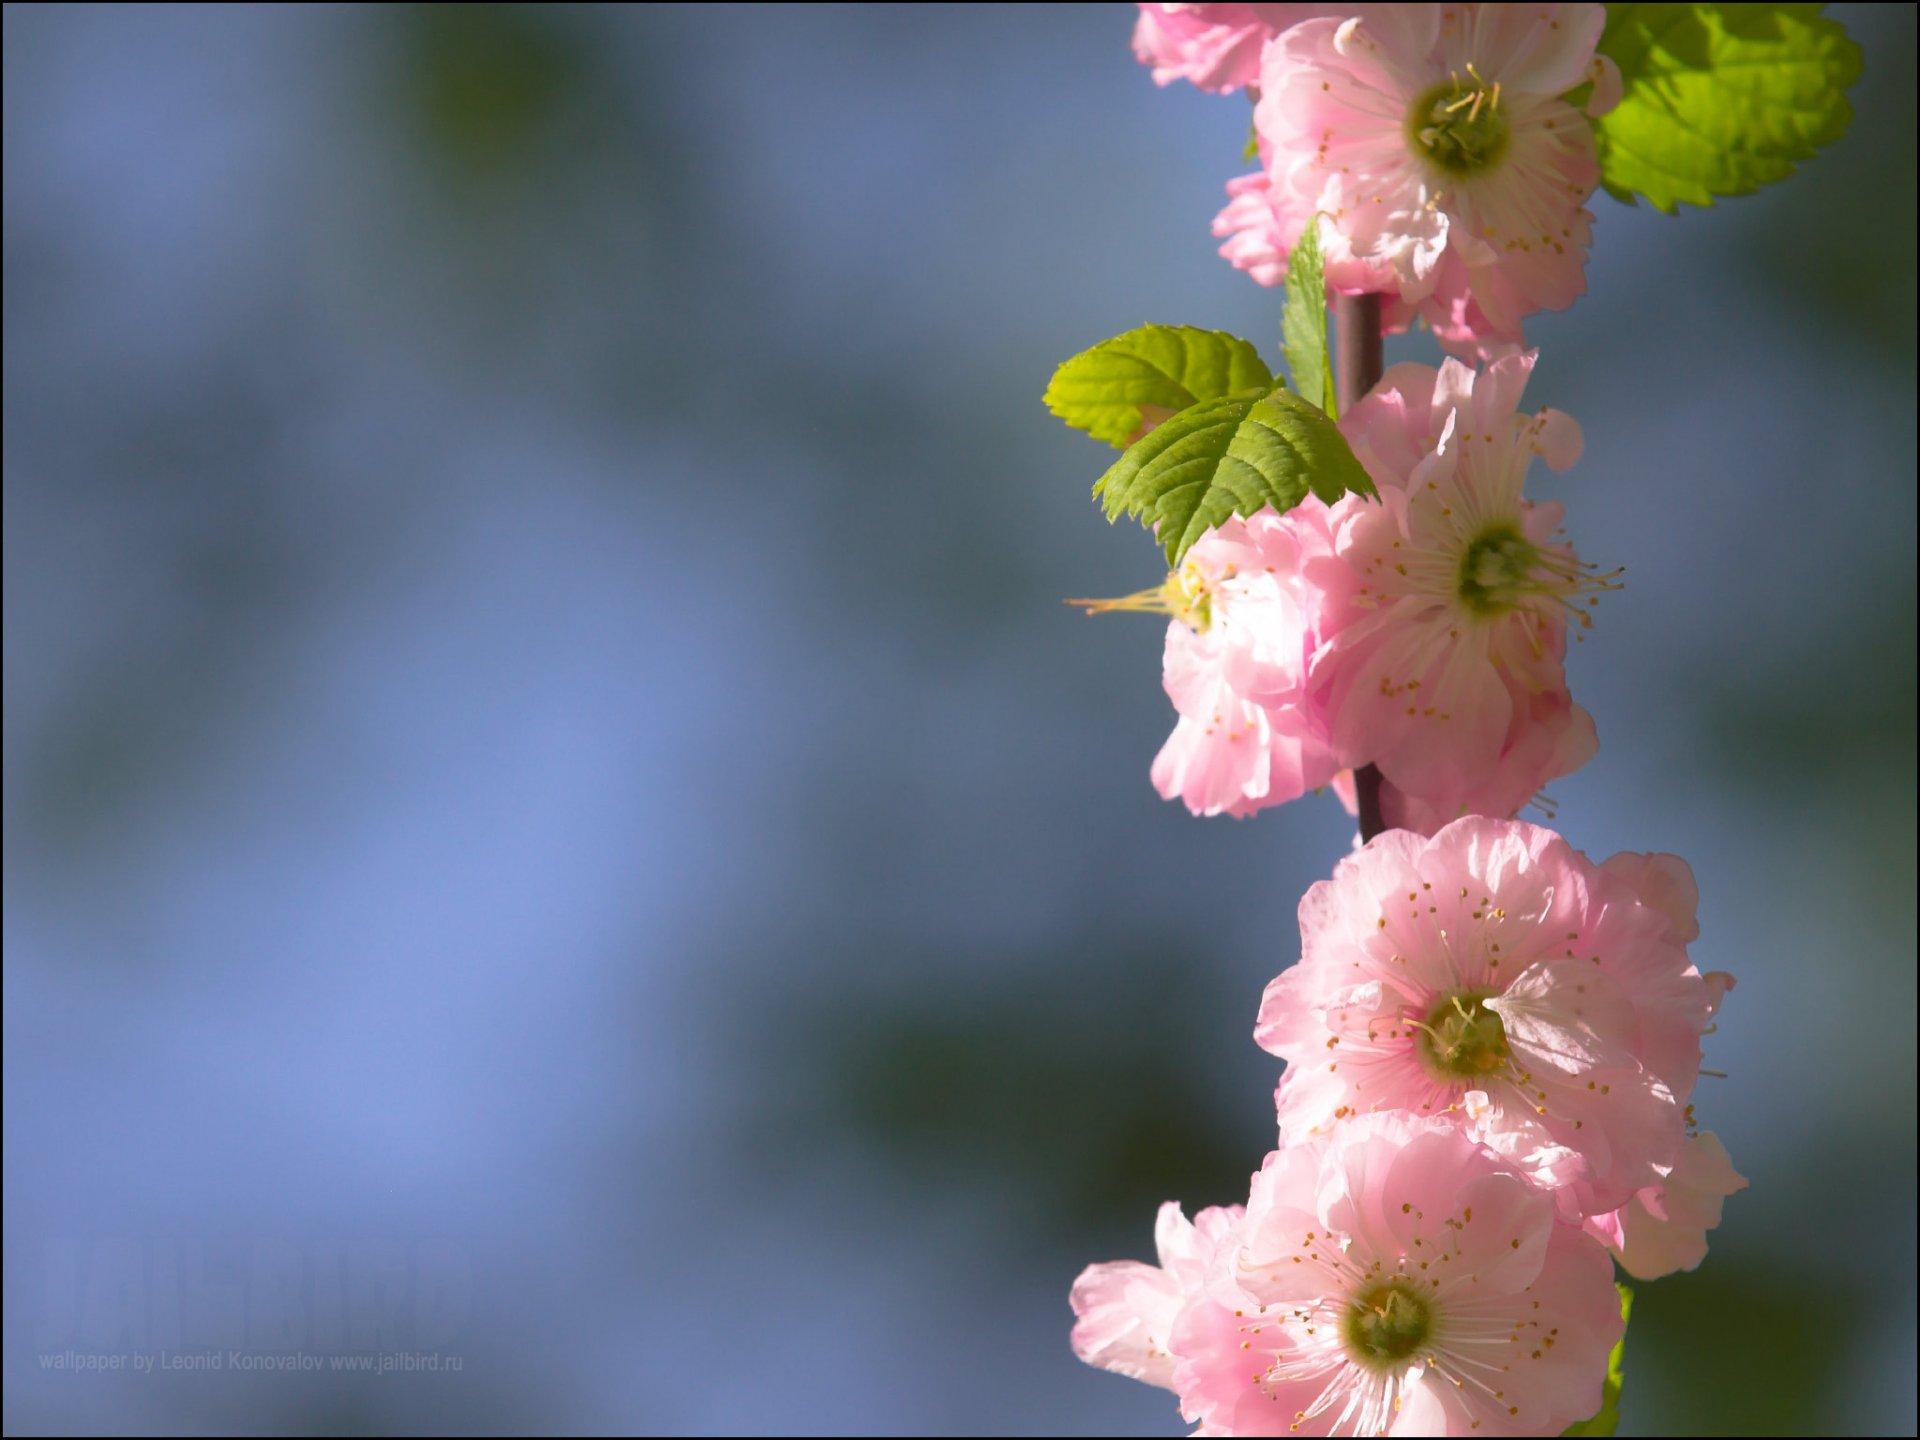 Обои цветы. Разное foto 10